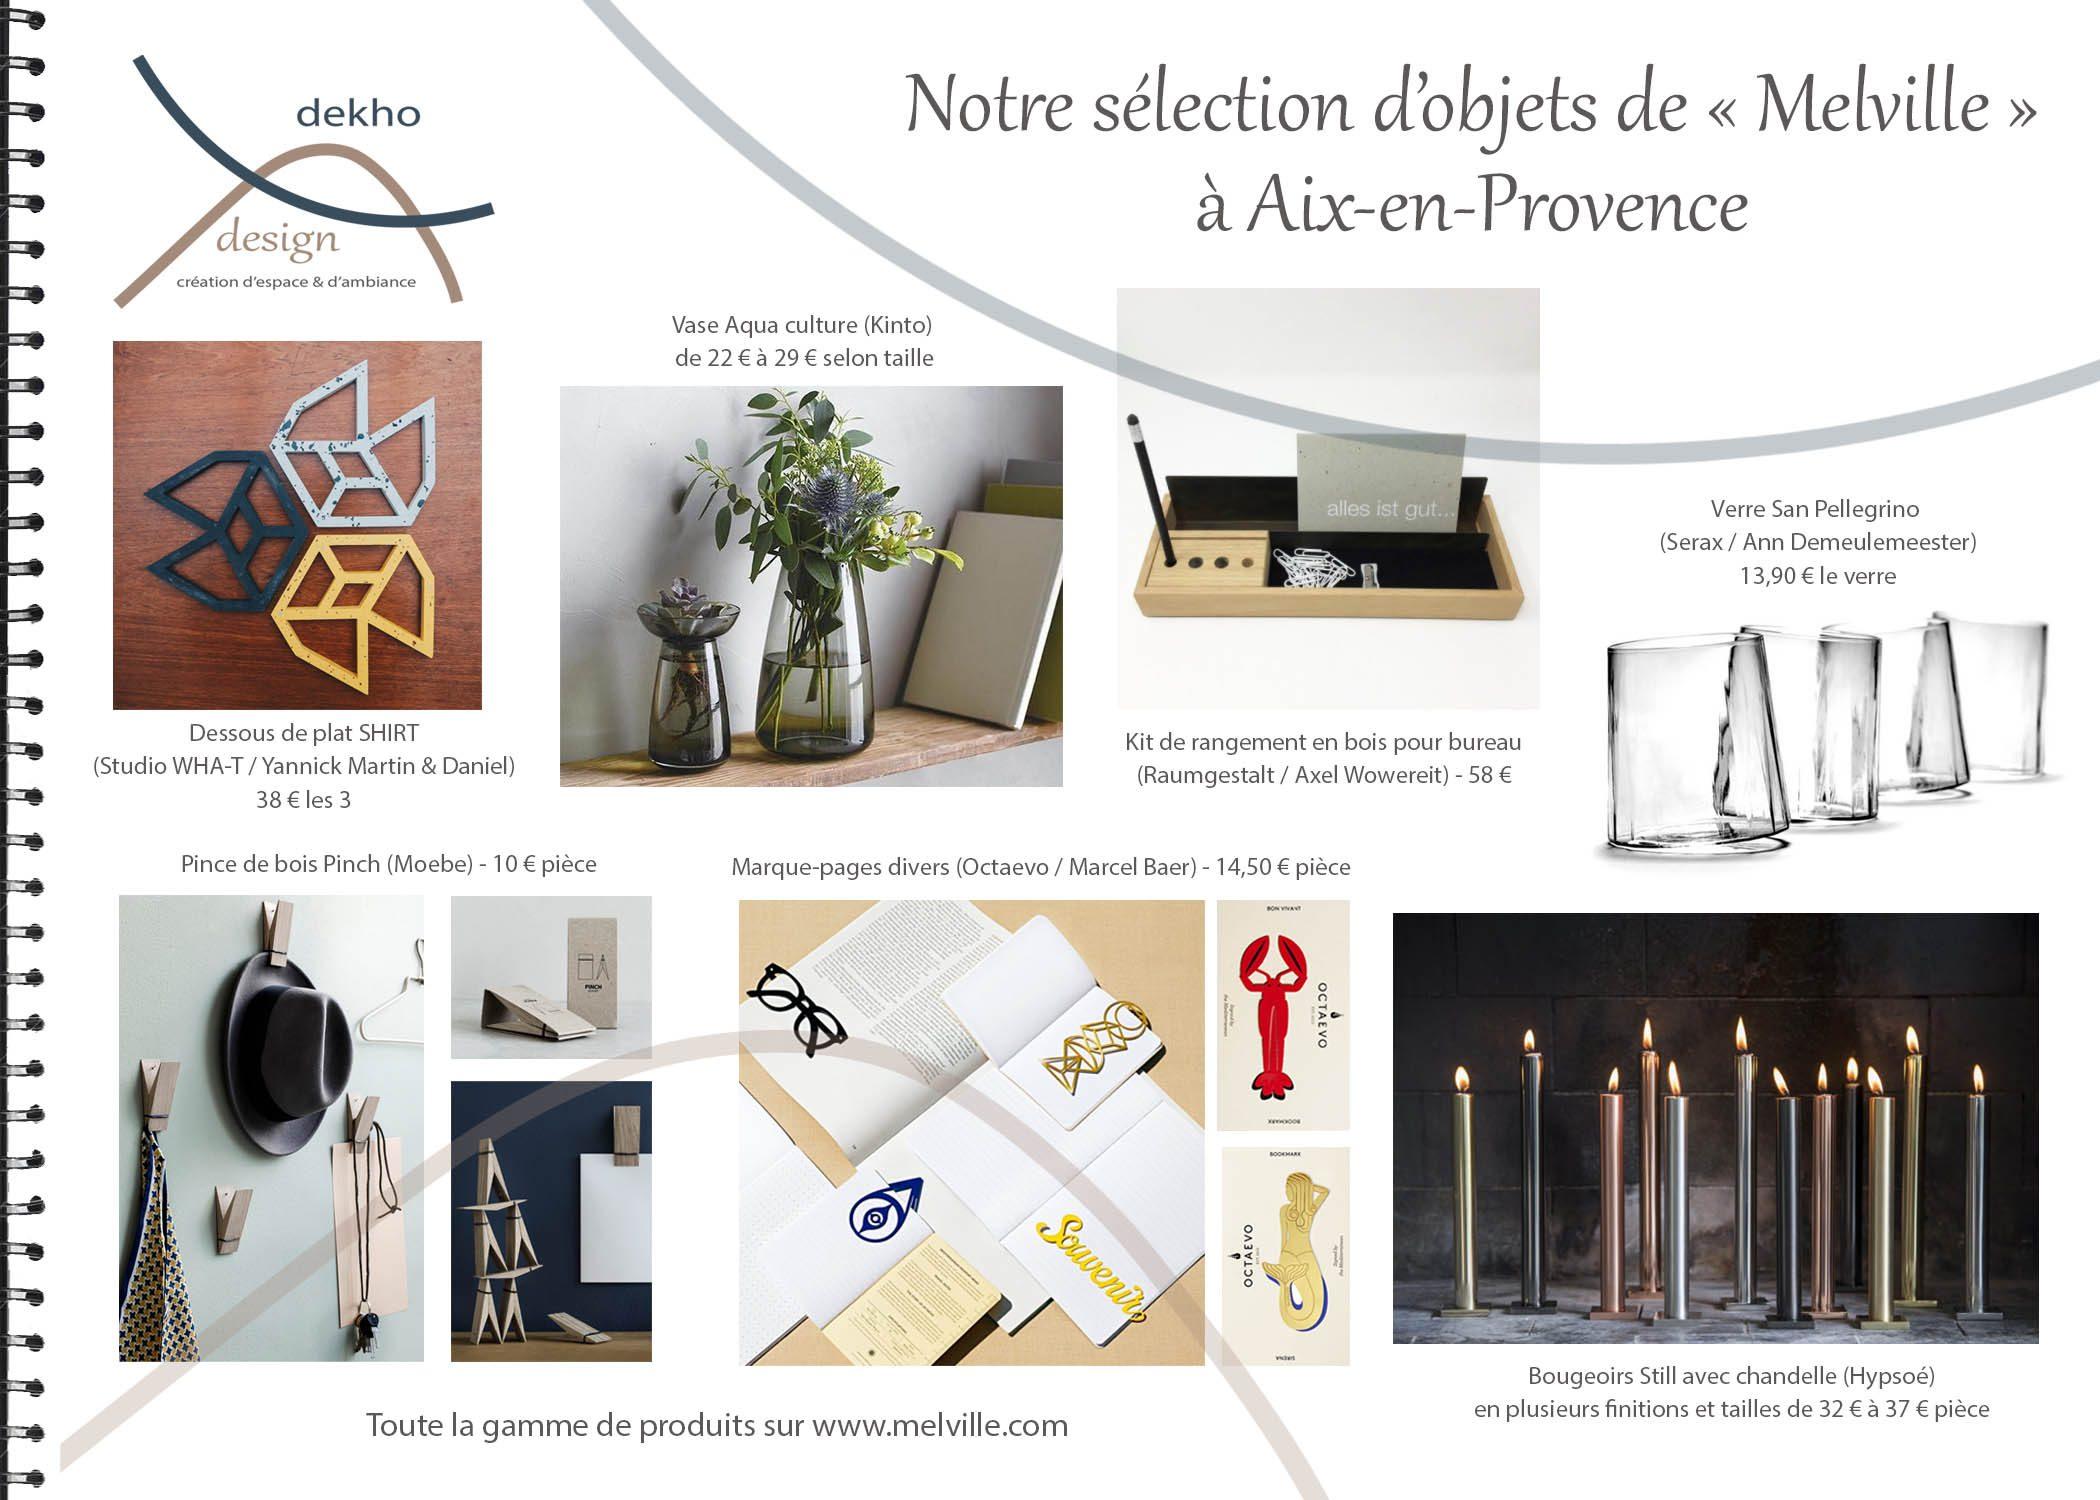 carnet d'intérieur-idées cadeaux-sélection melville-conseils-dekho design